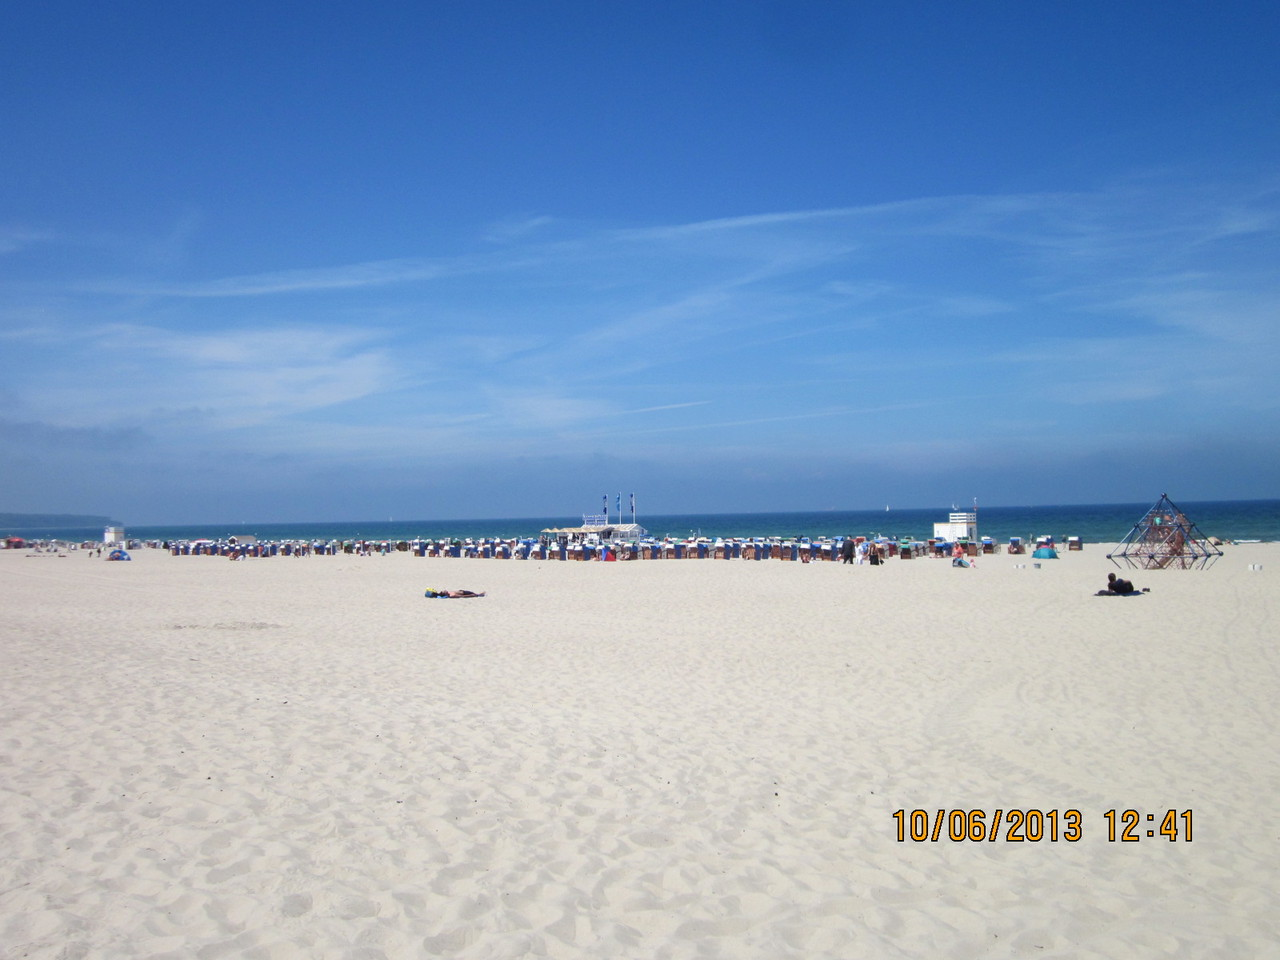 der breiteste Sandstrand der dt. Ostseeküste